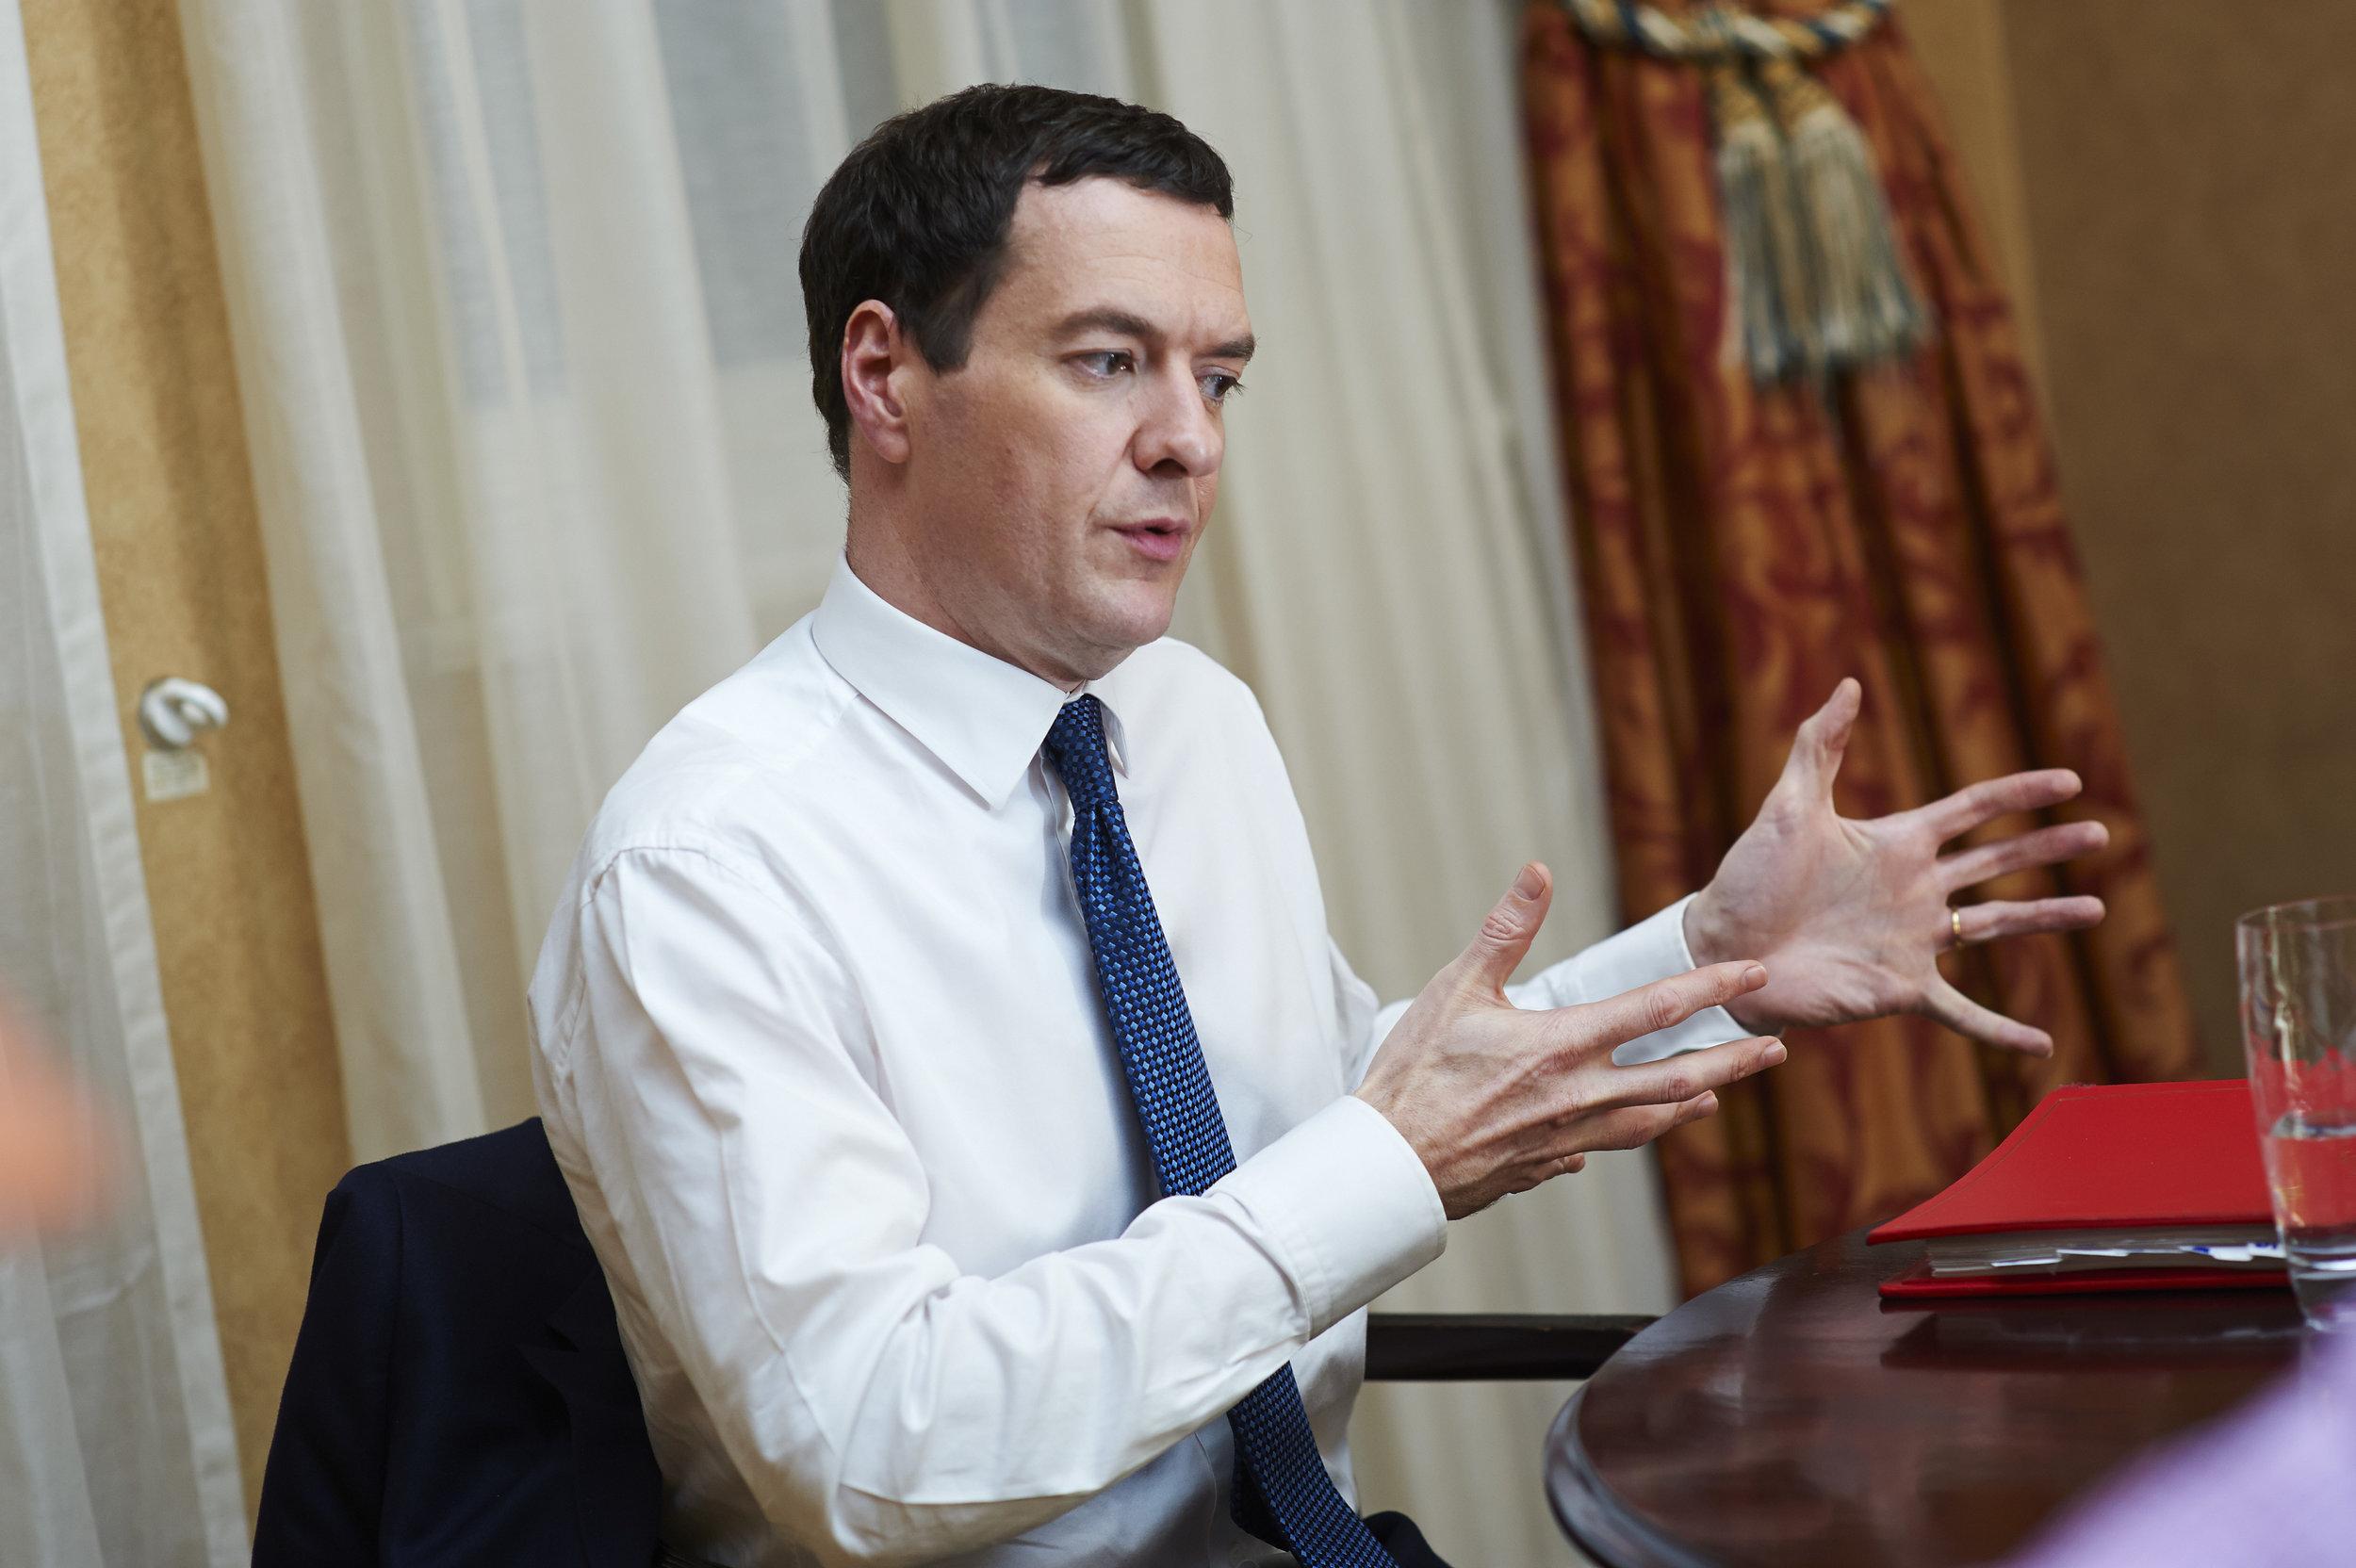 George_Osborne_184.jpg